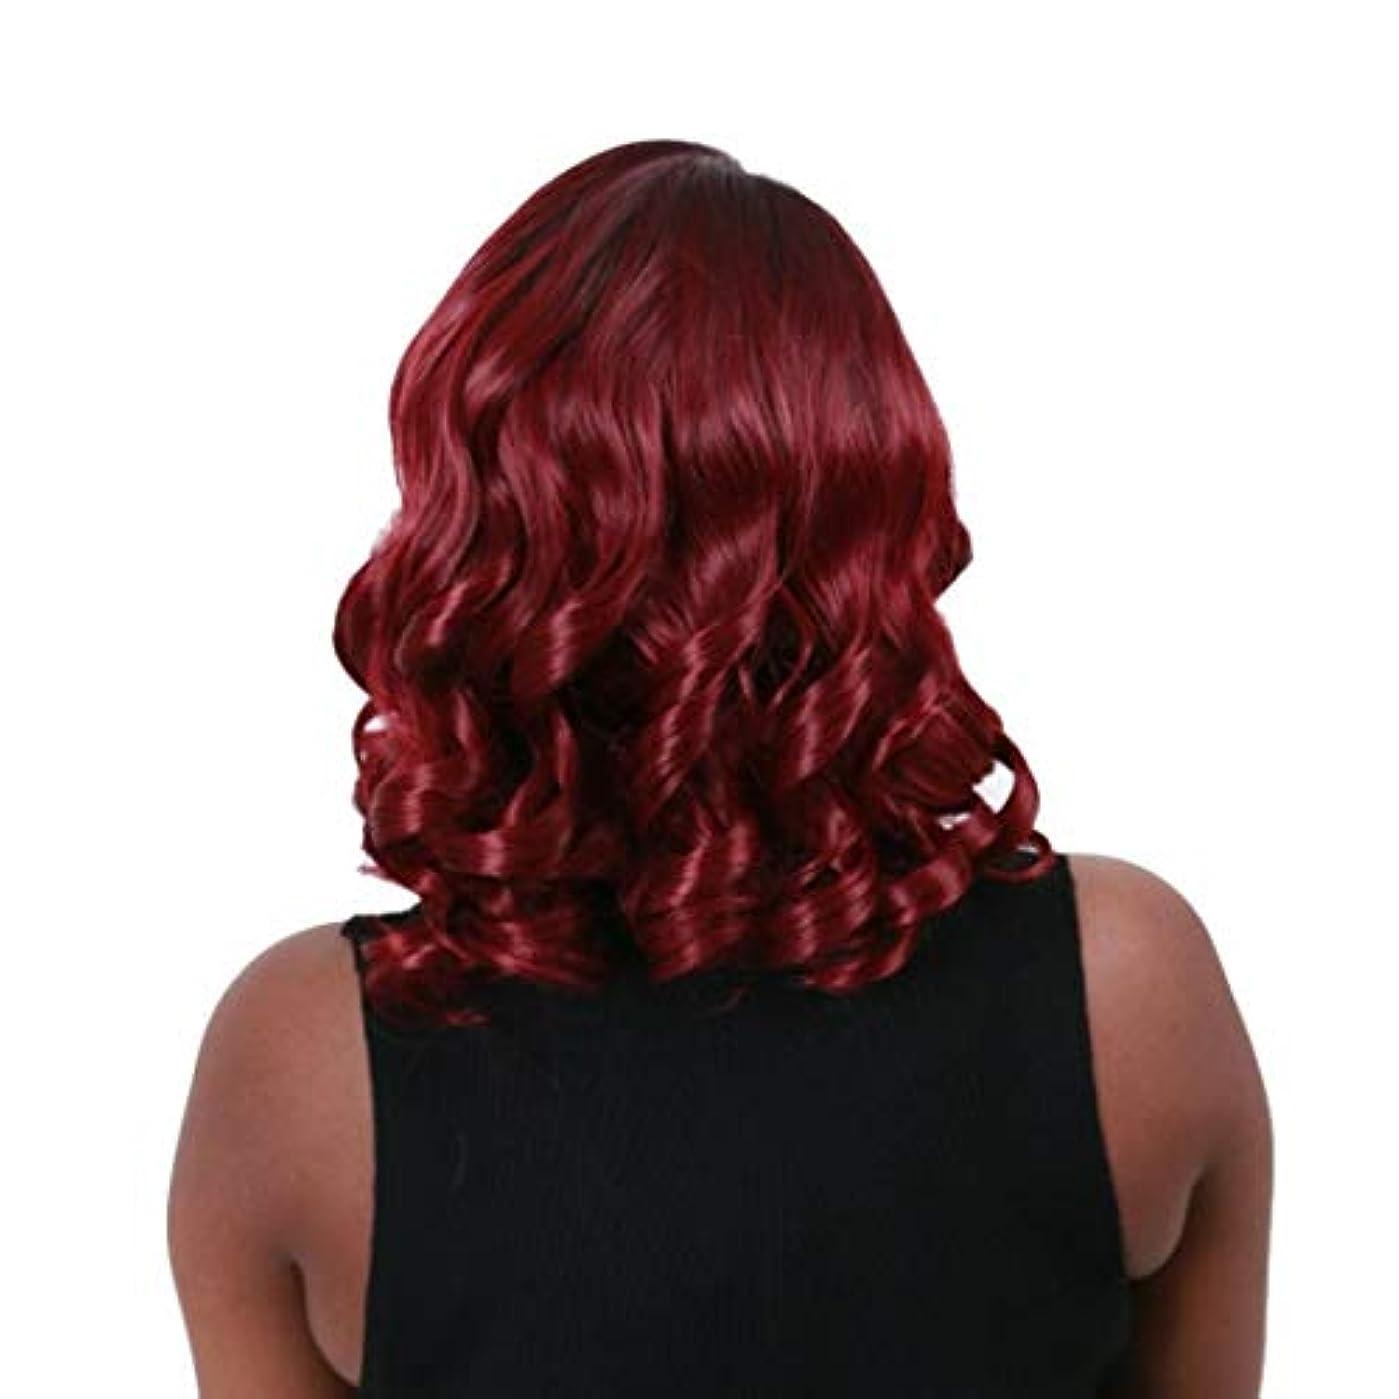 側溝信者そこKerwinner 女性のための短い波状の合成かつらかつら短いふわふわボブ変態